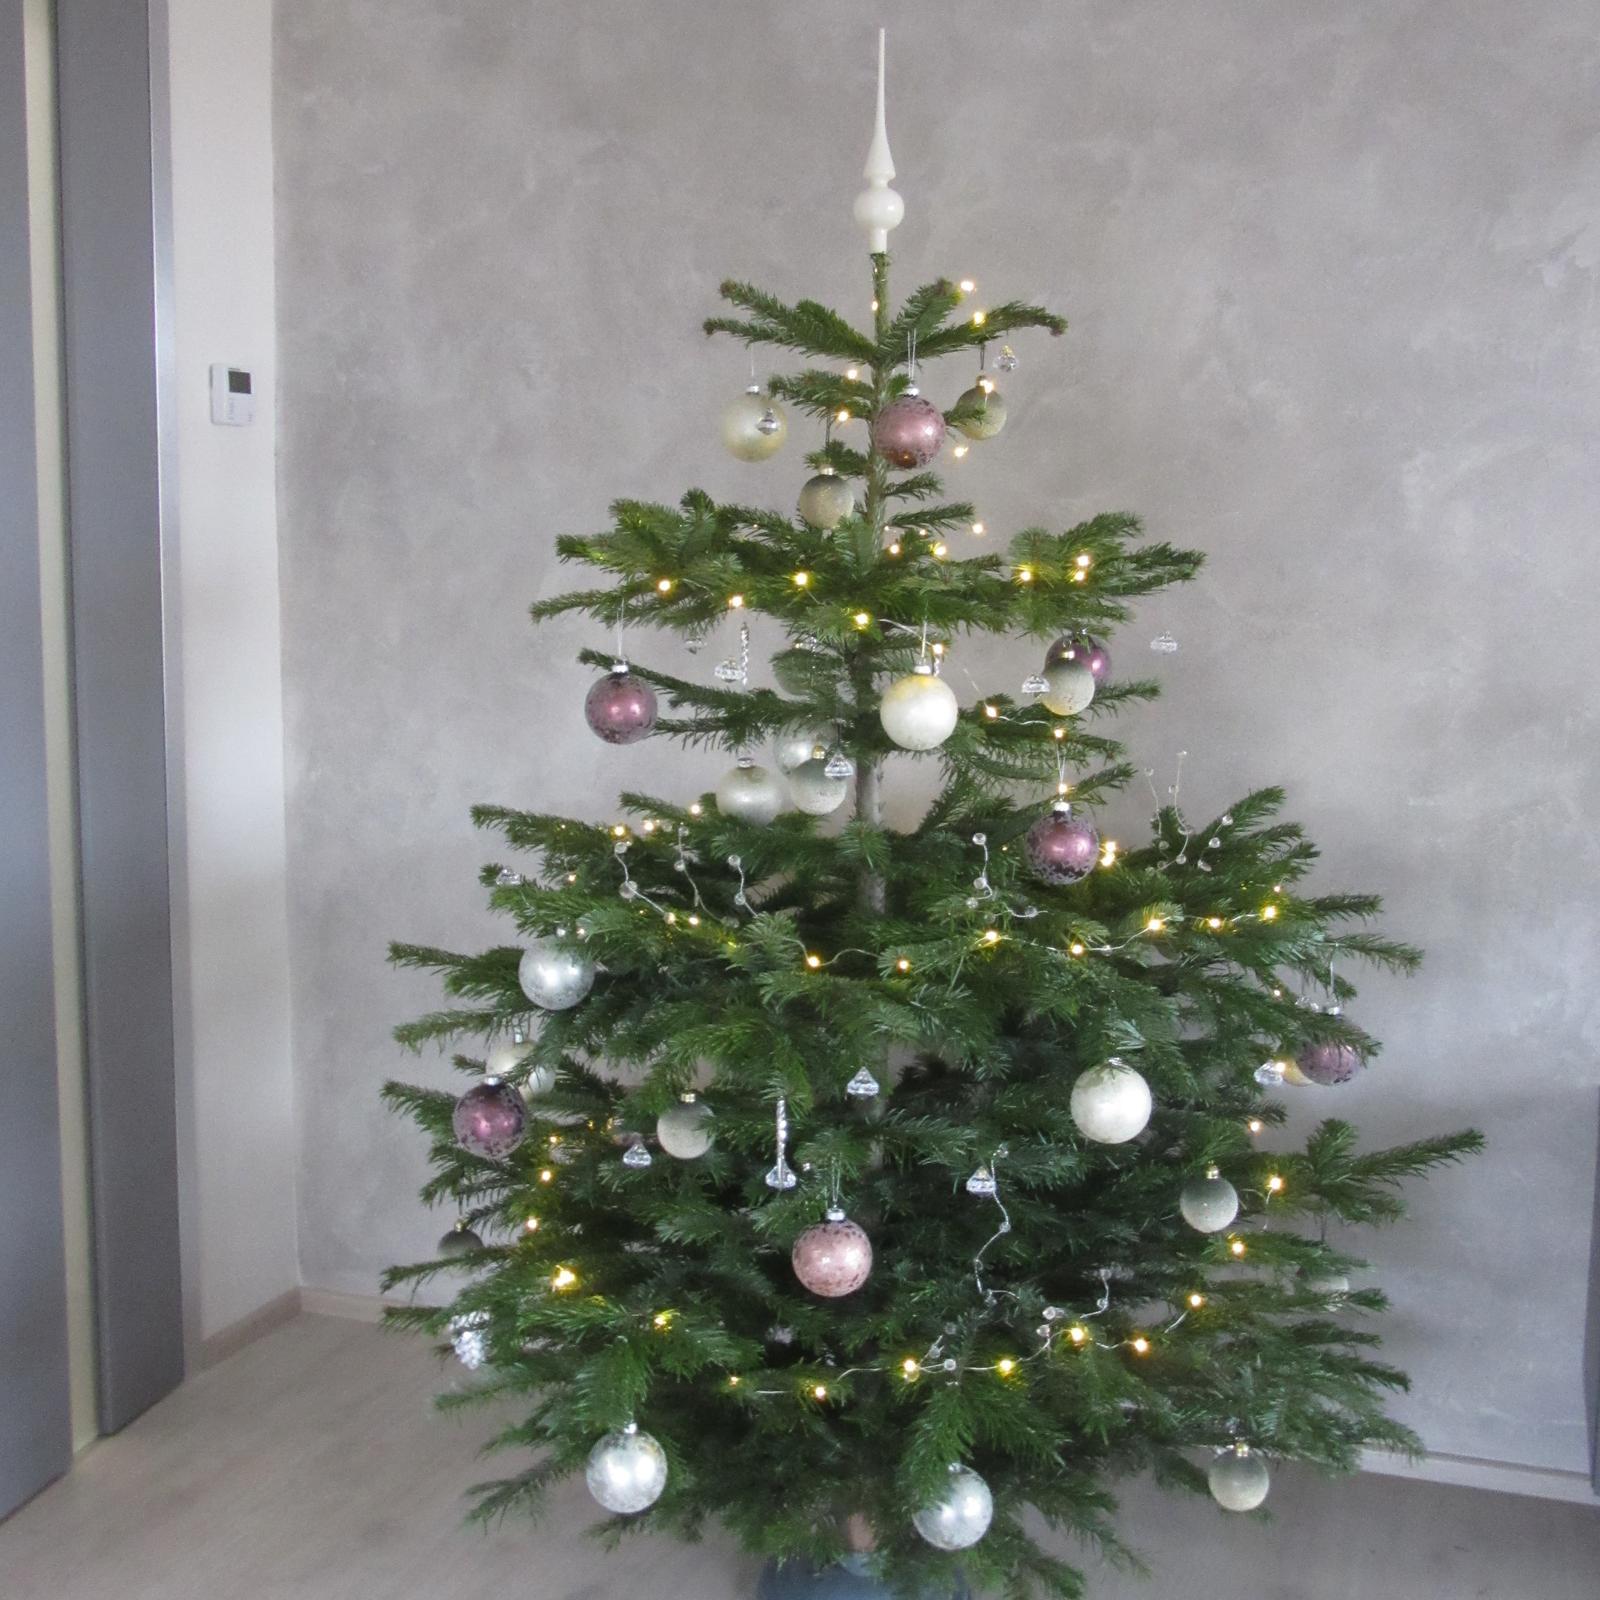 Sen se naplnil - krásné vánoční svátky všem